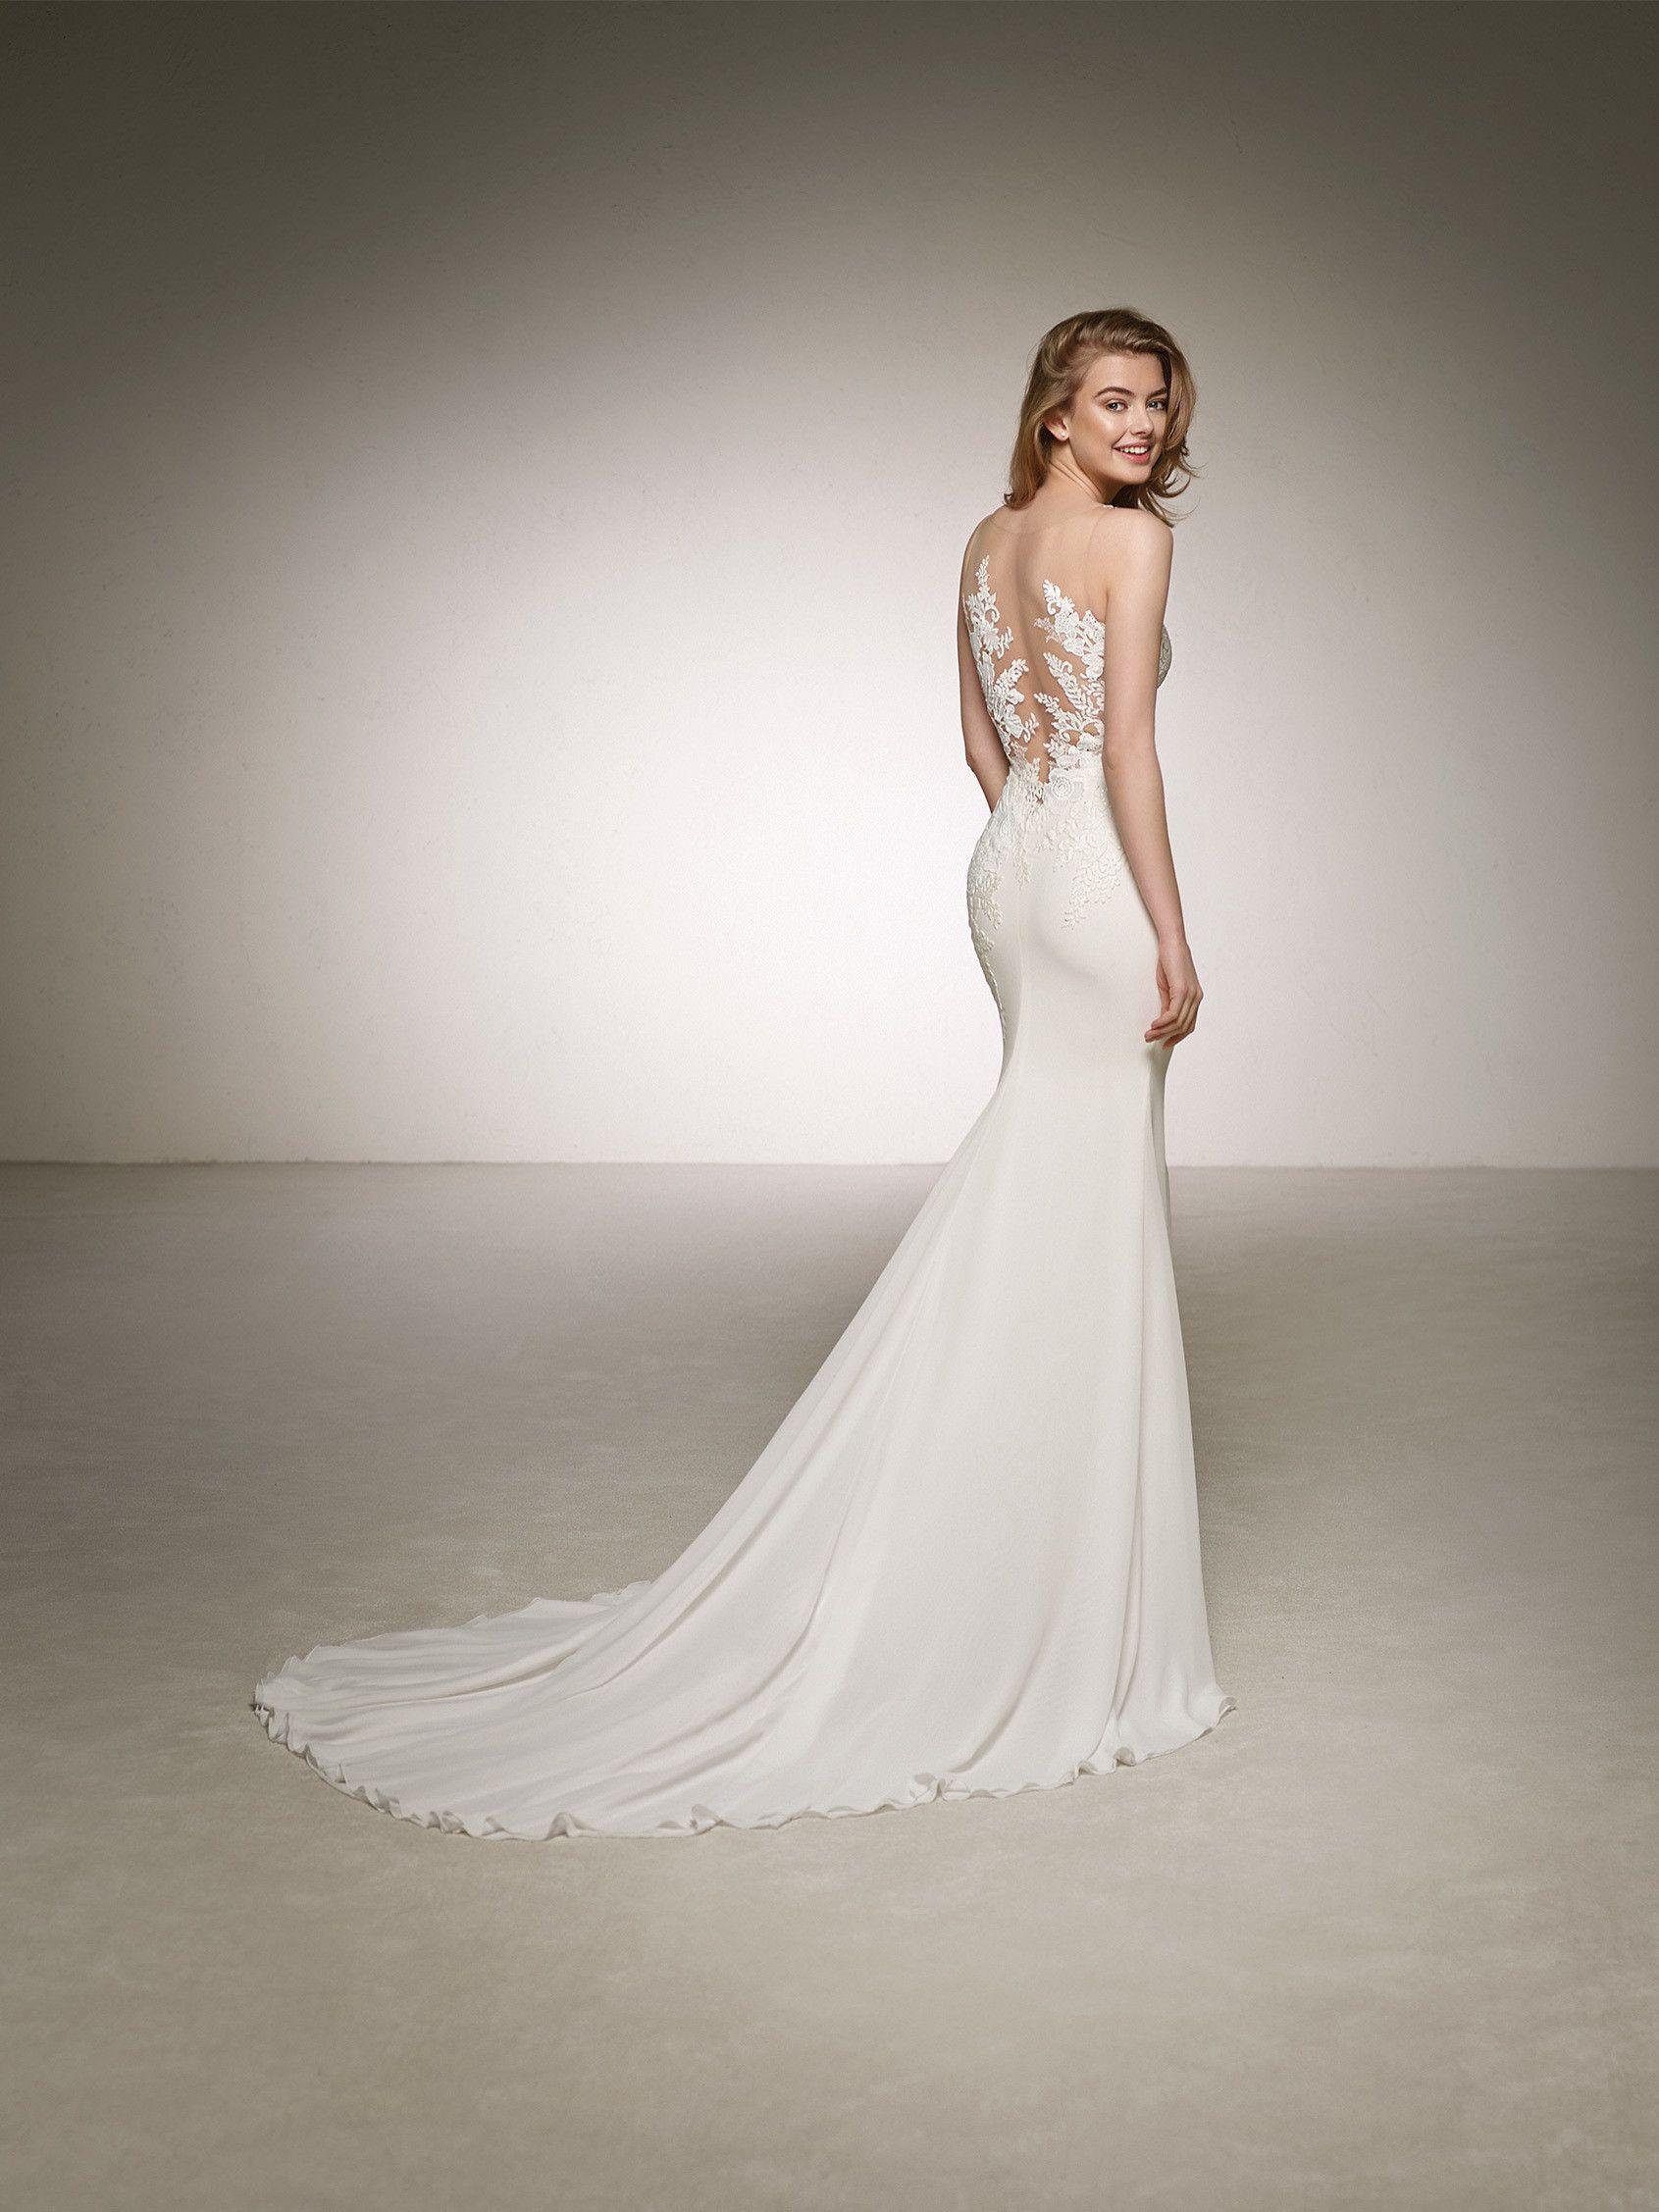 Vestido novia corte sirena pronovias